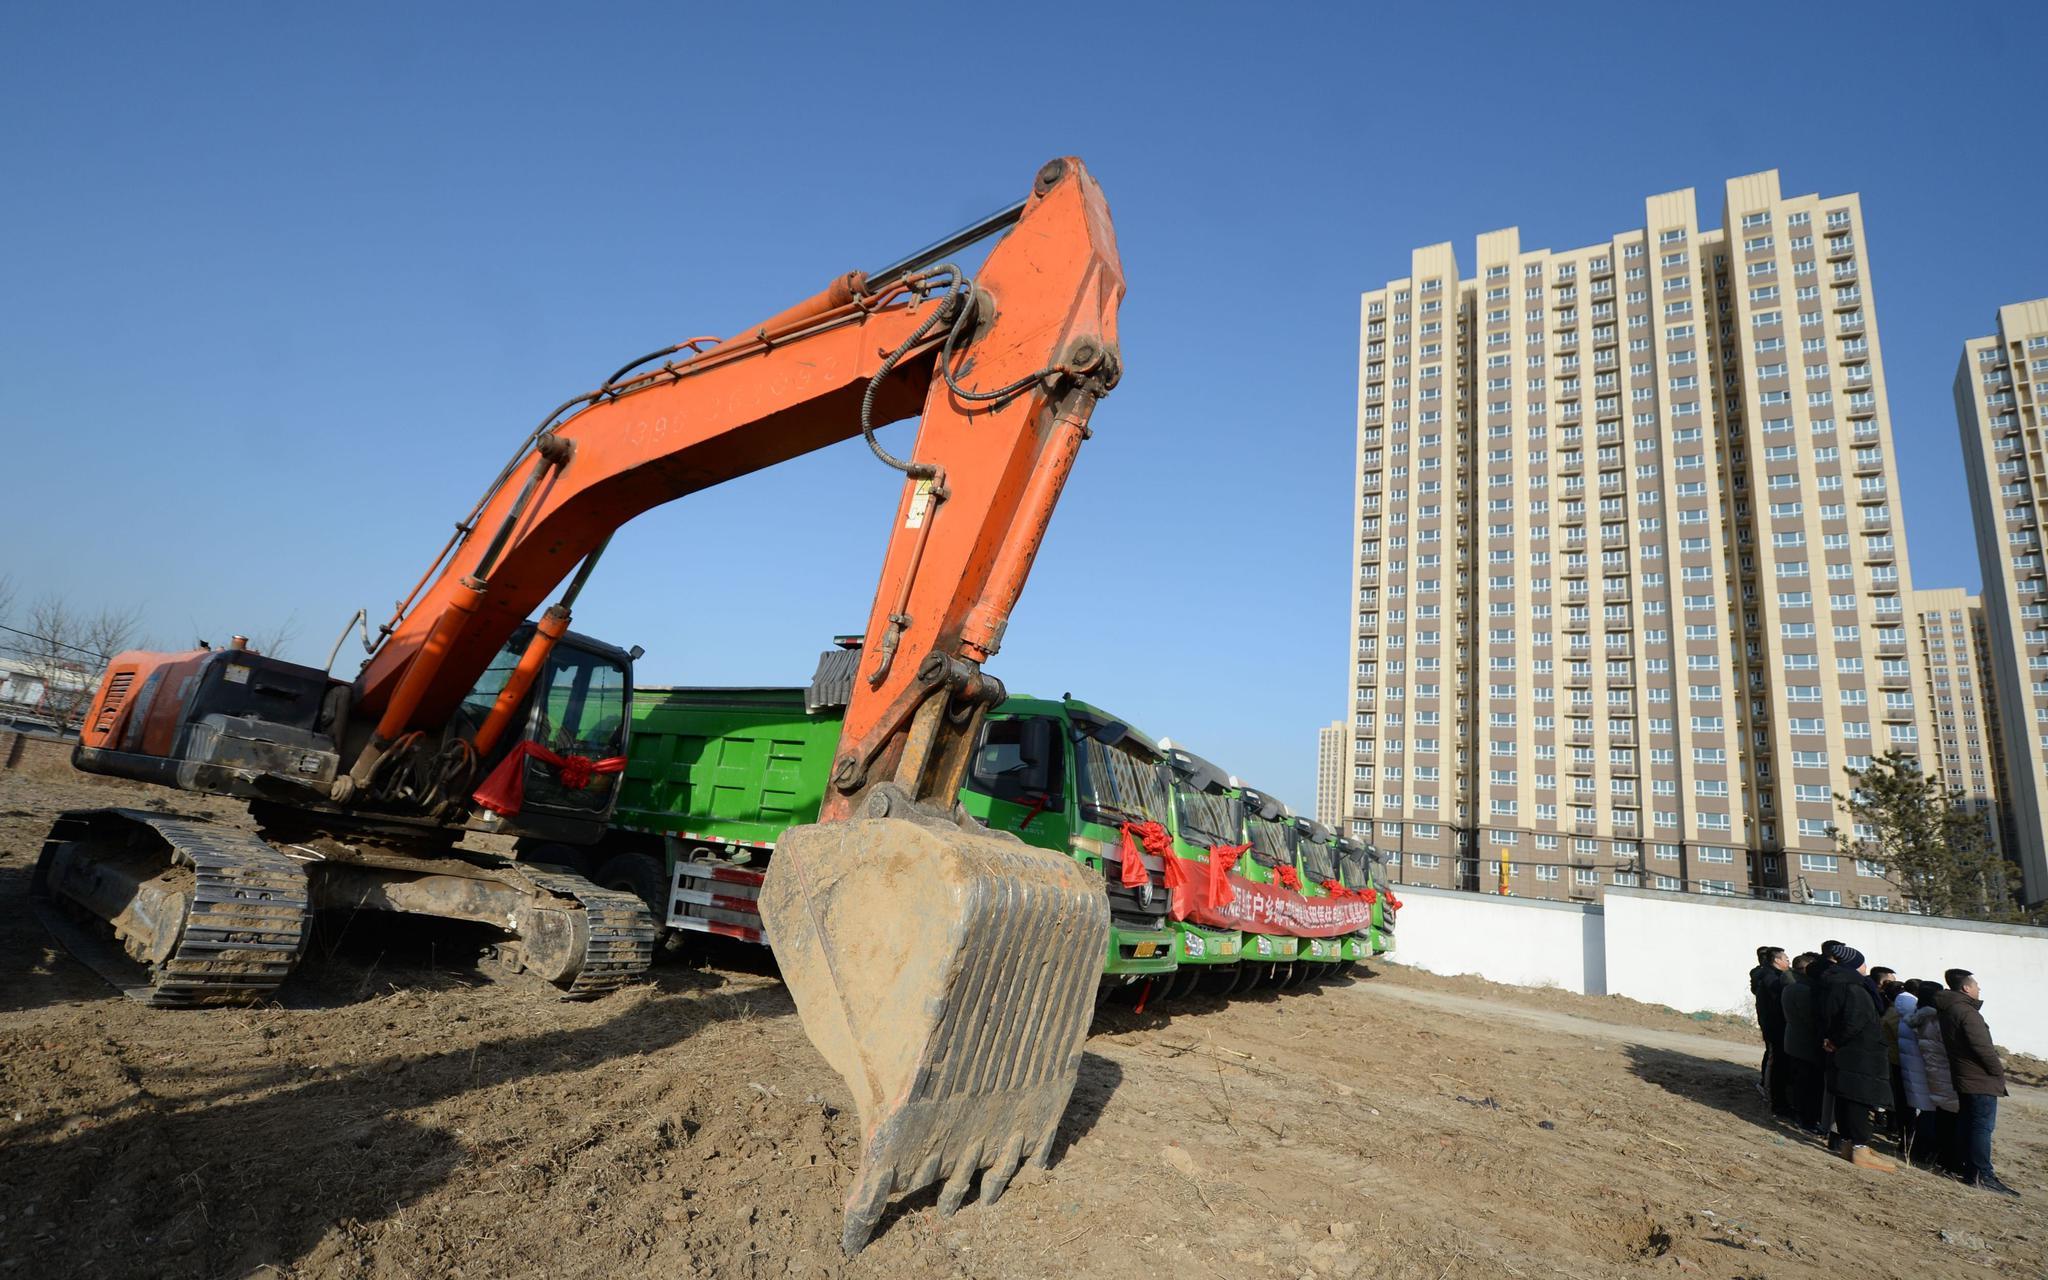 北京朝阳一集体土地租赁房开工,预计2022年对外出租图片